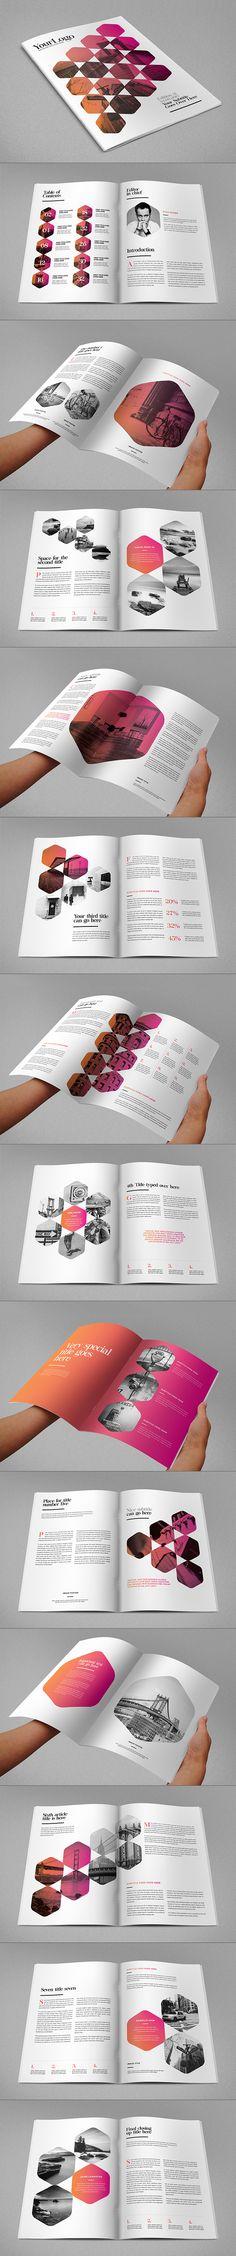 Résultat de recherche du0027images pour  - modern brochure design